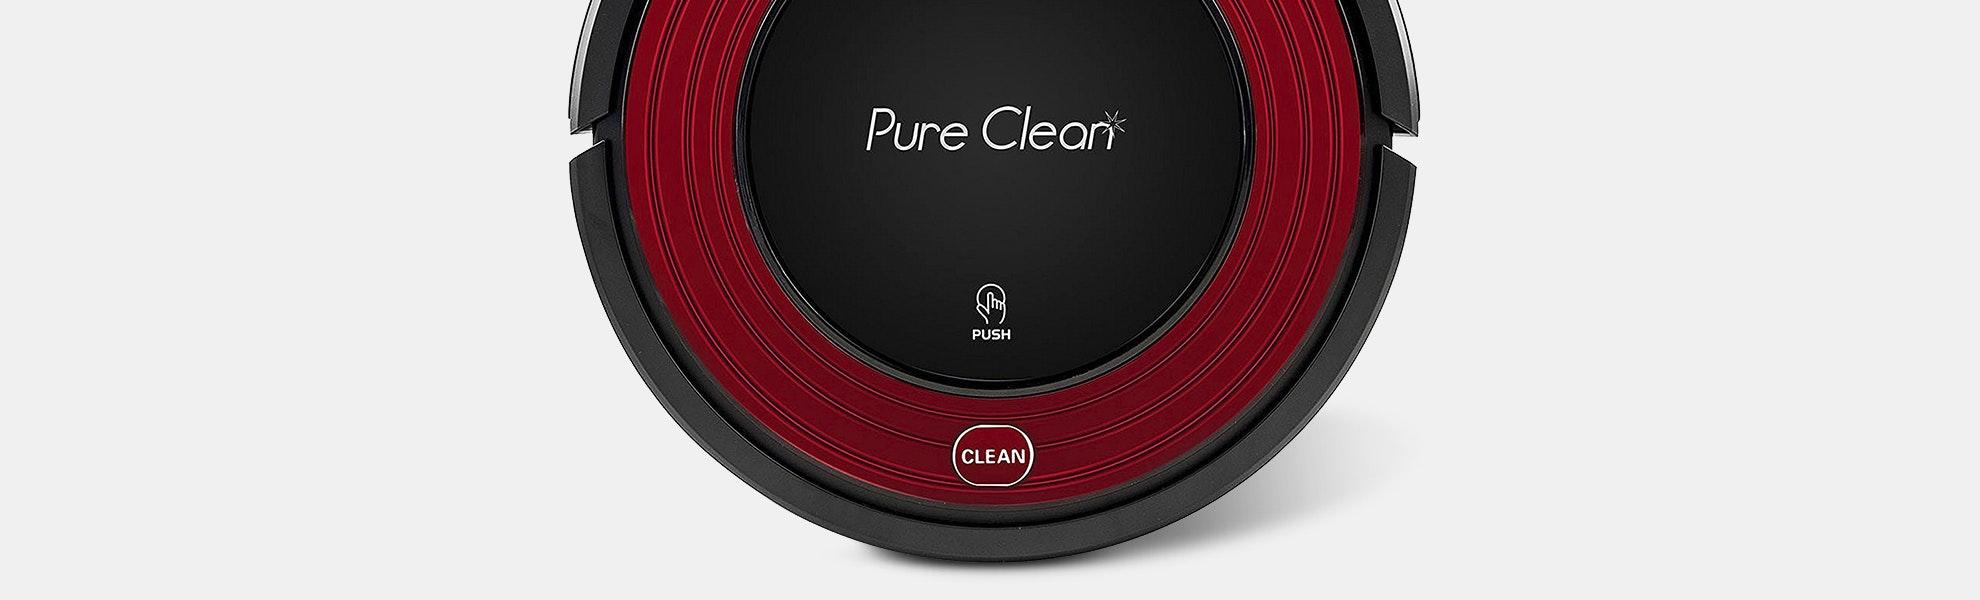 PureClean Auto Robot Vacuum Cleaner